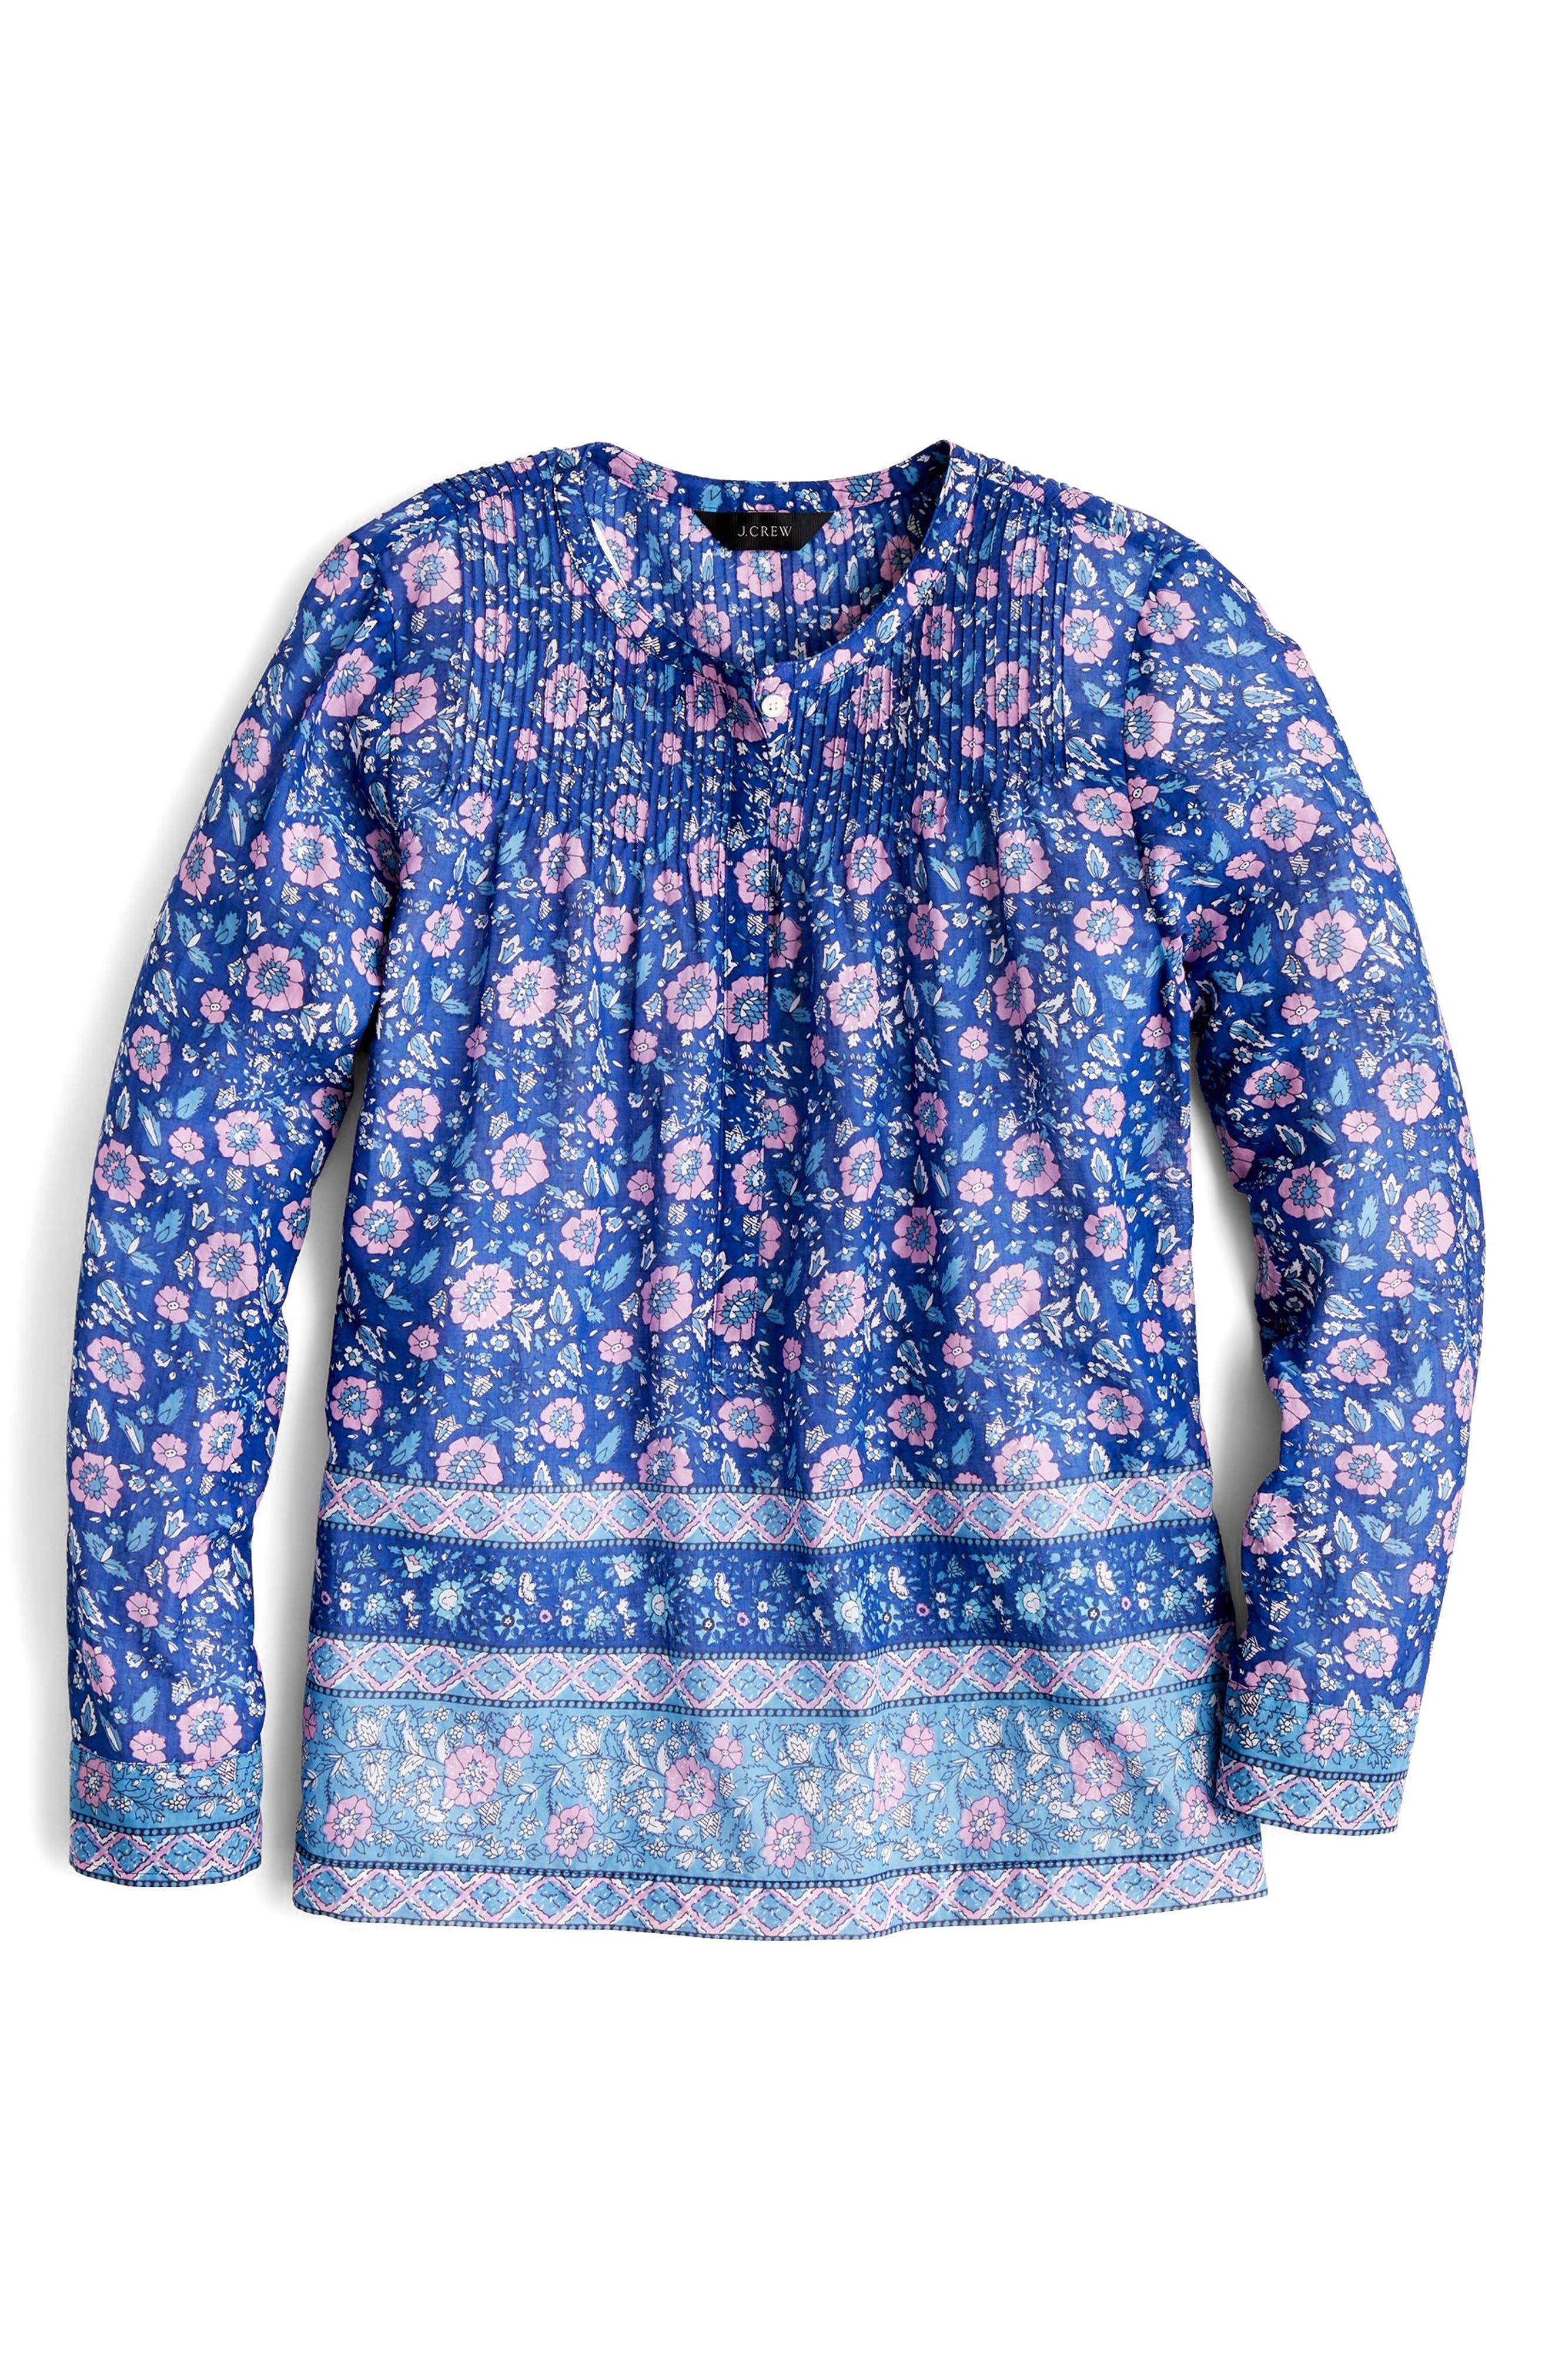 Cotton Voile Popover Shirt,                             Alternate thumbnail 2, color,                             Blue Multi